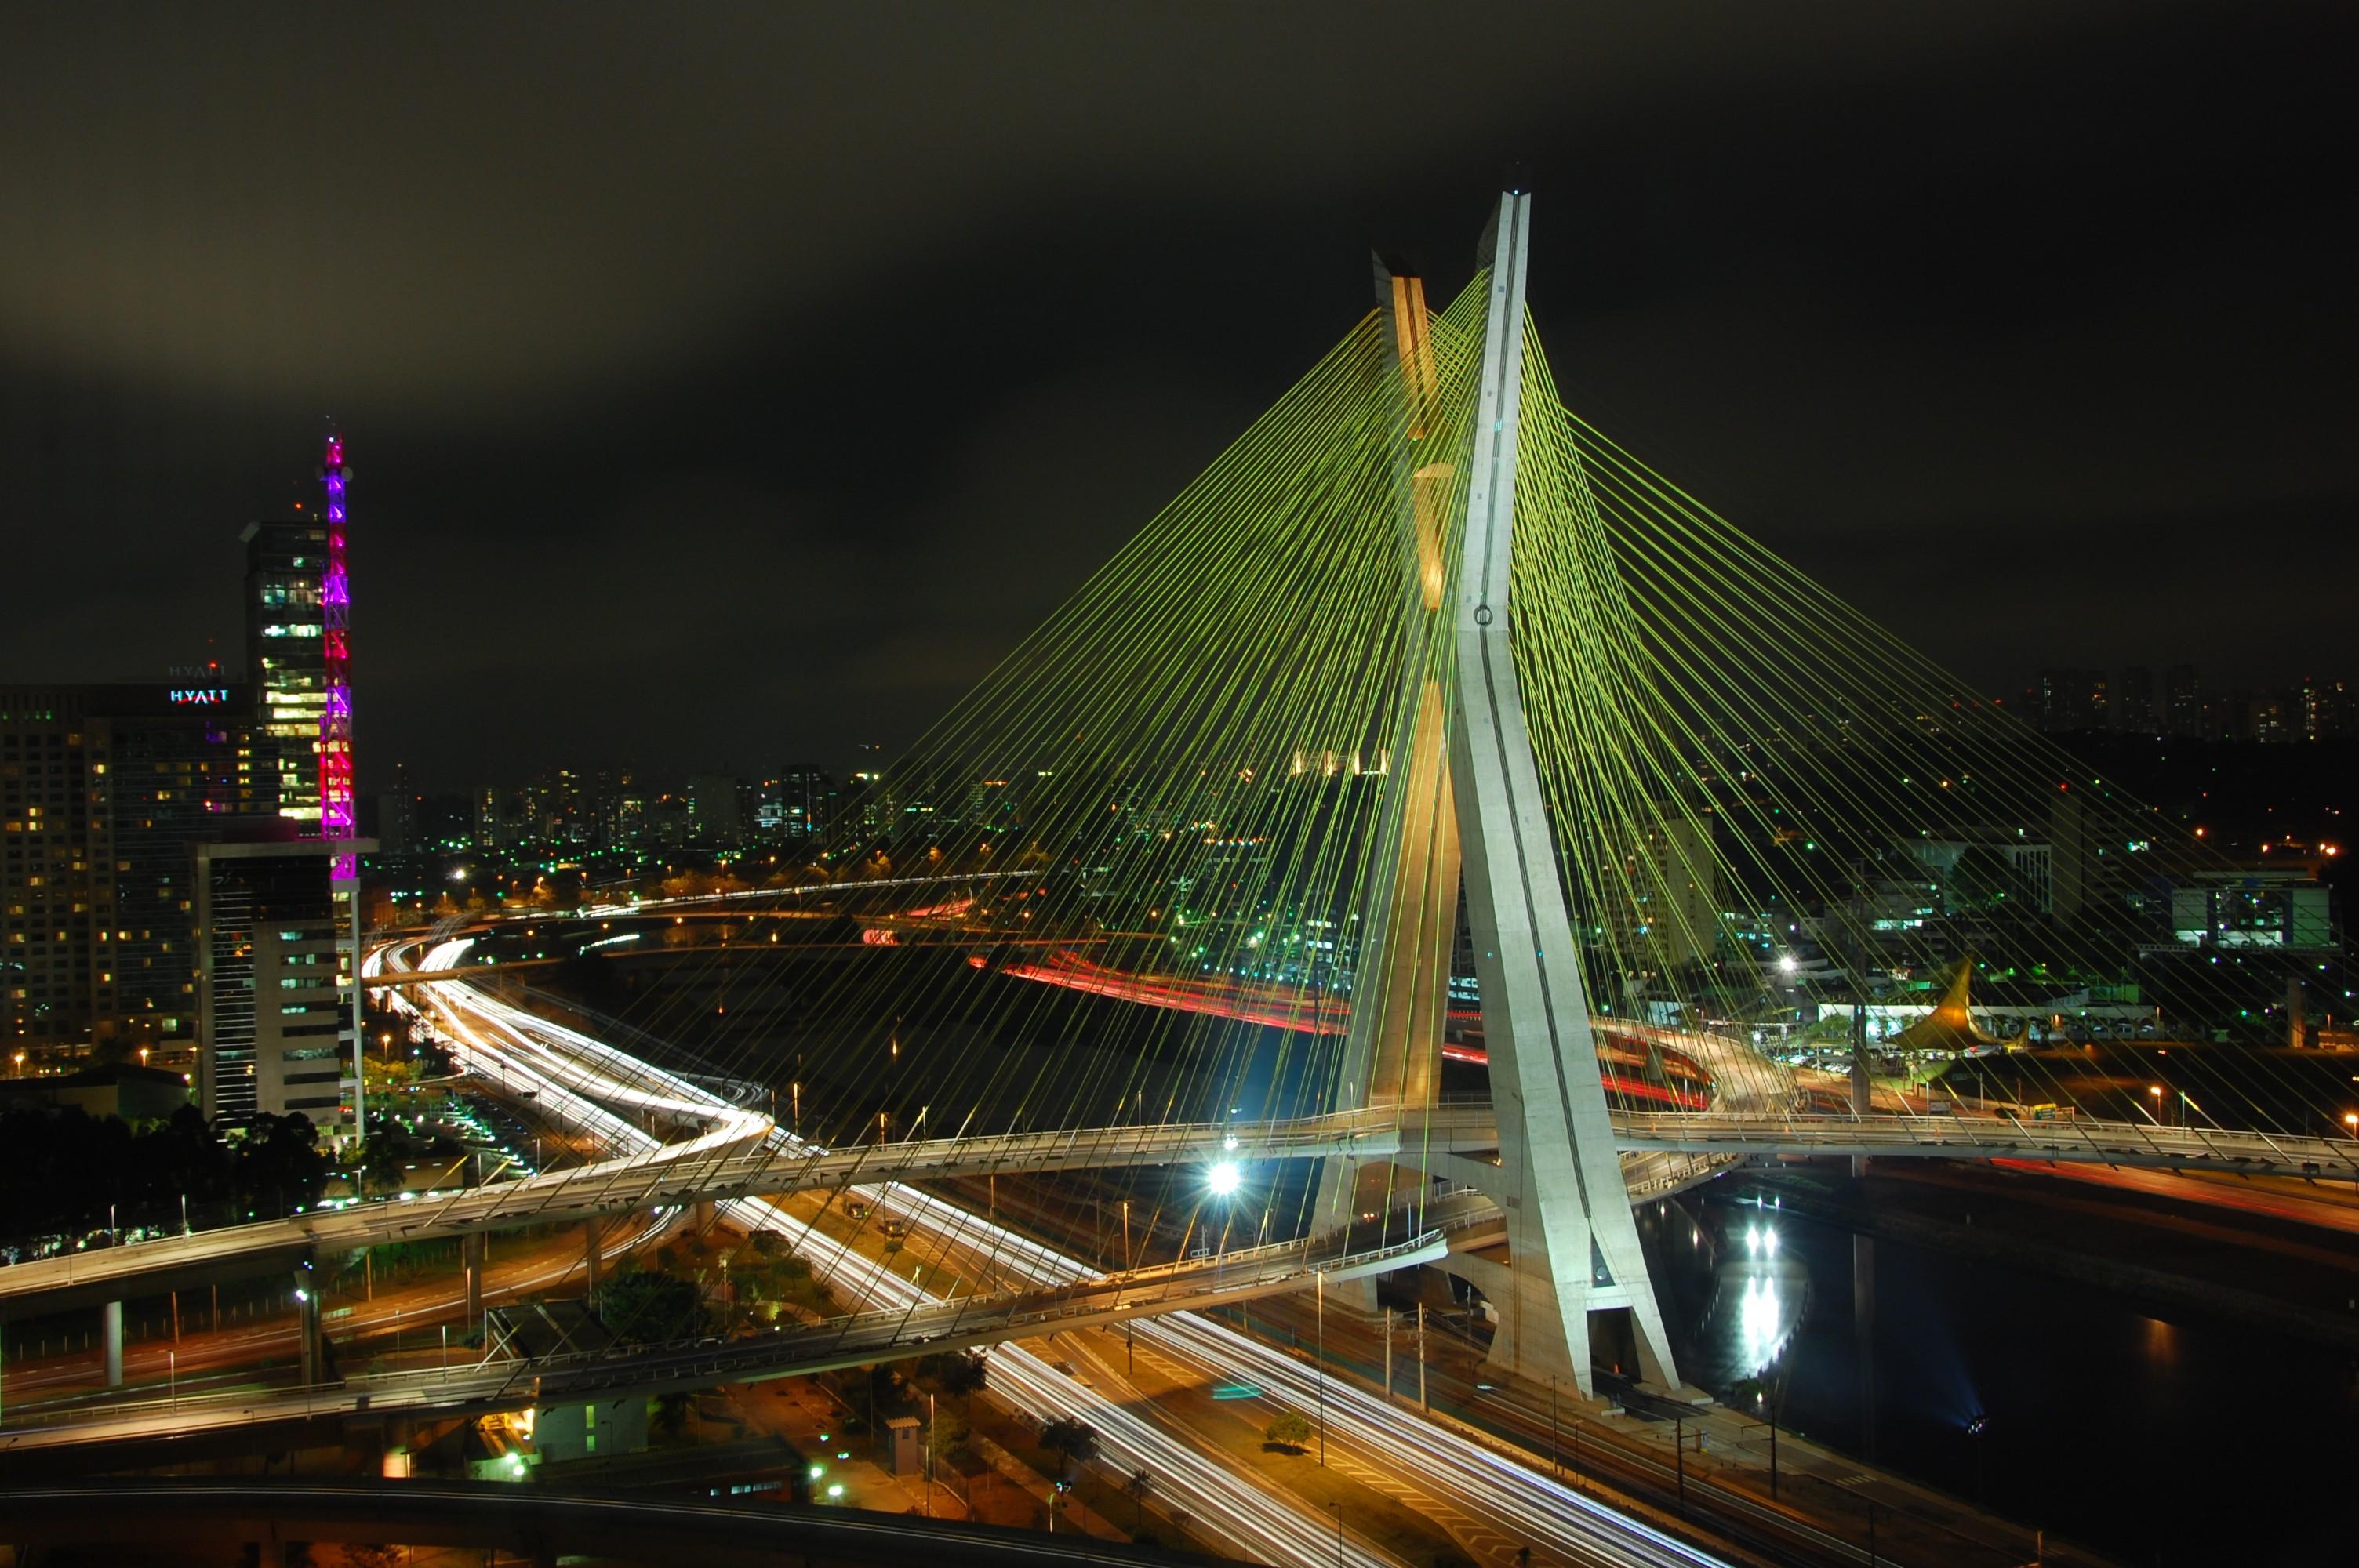 aniversario-sao-paulo-2011-457-anos